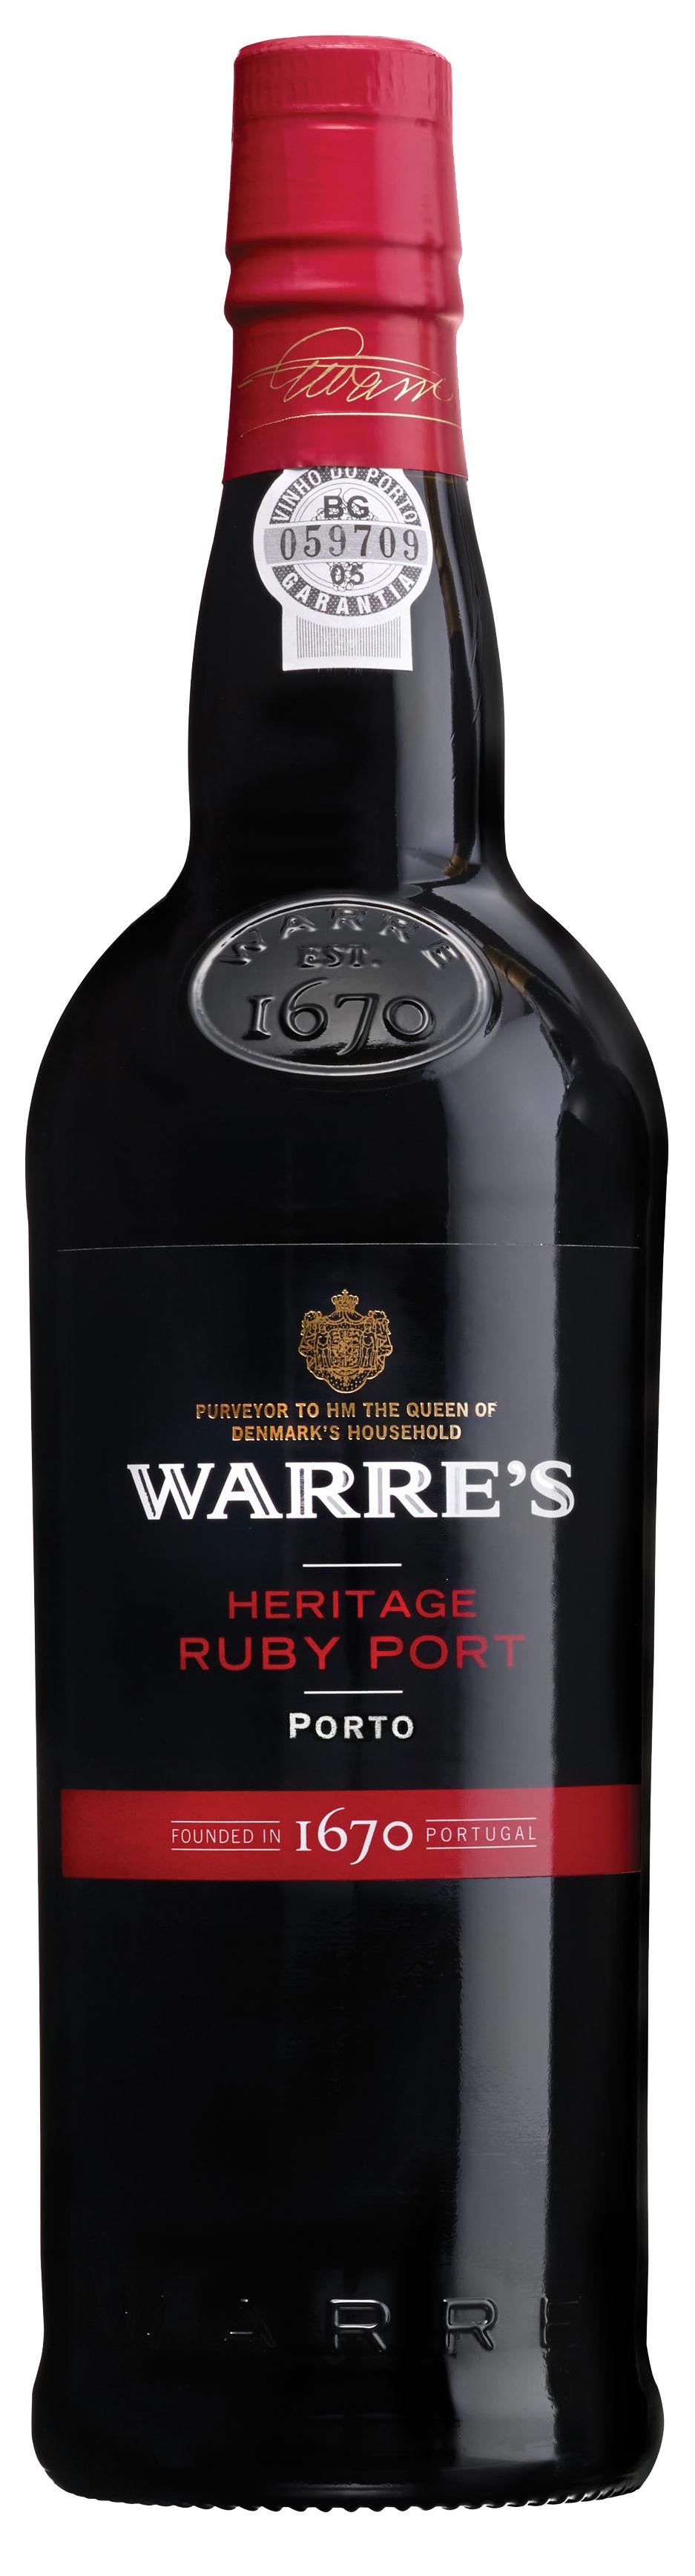 Warre's Heritage Ruby Port Bottle.jpg